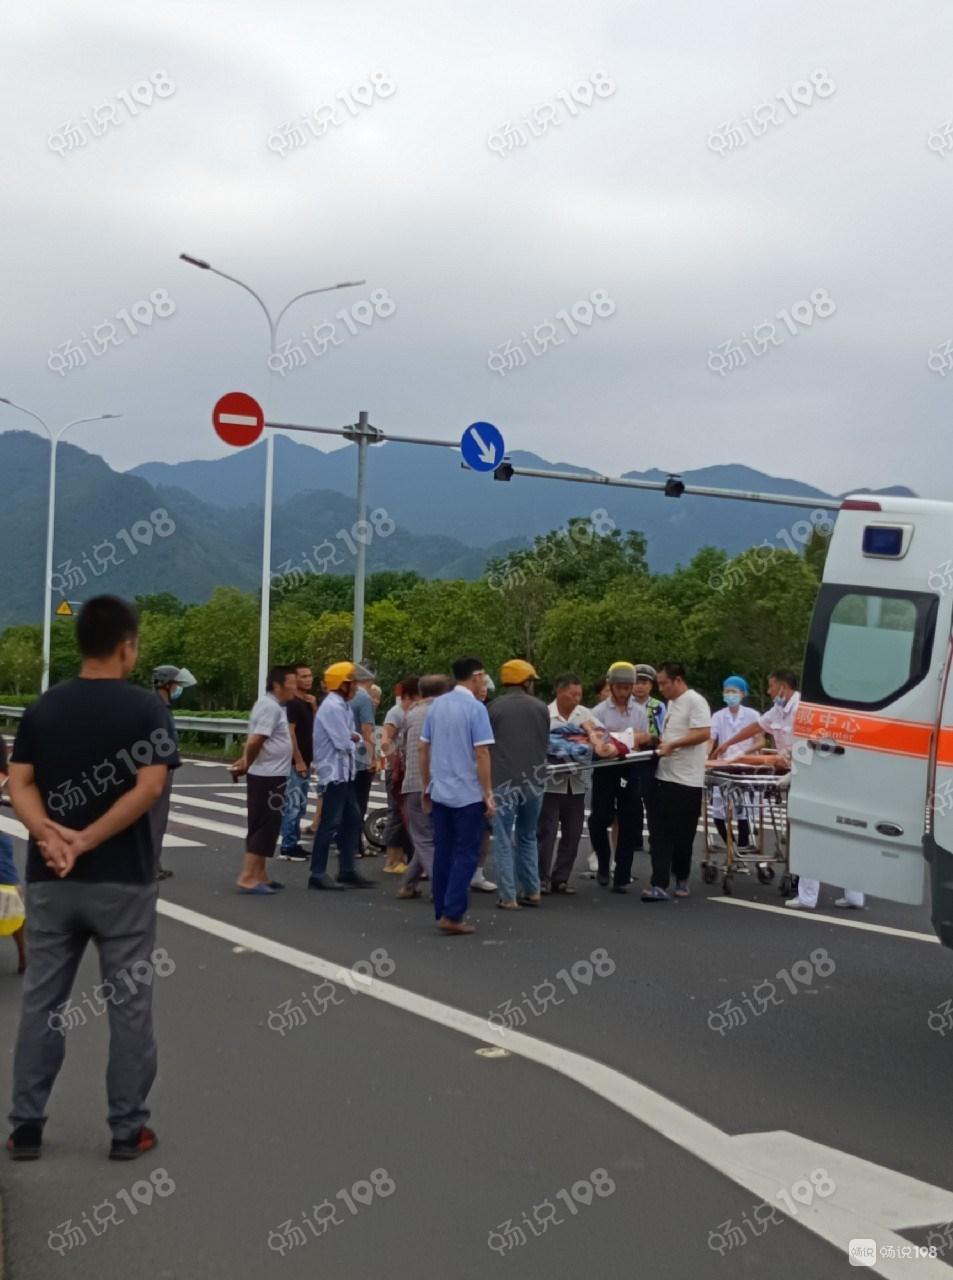 平桥大清早突发事故!一女子被抬上救护车!现场围满人…